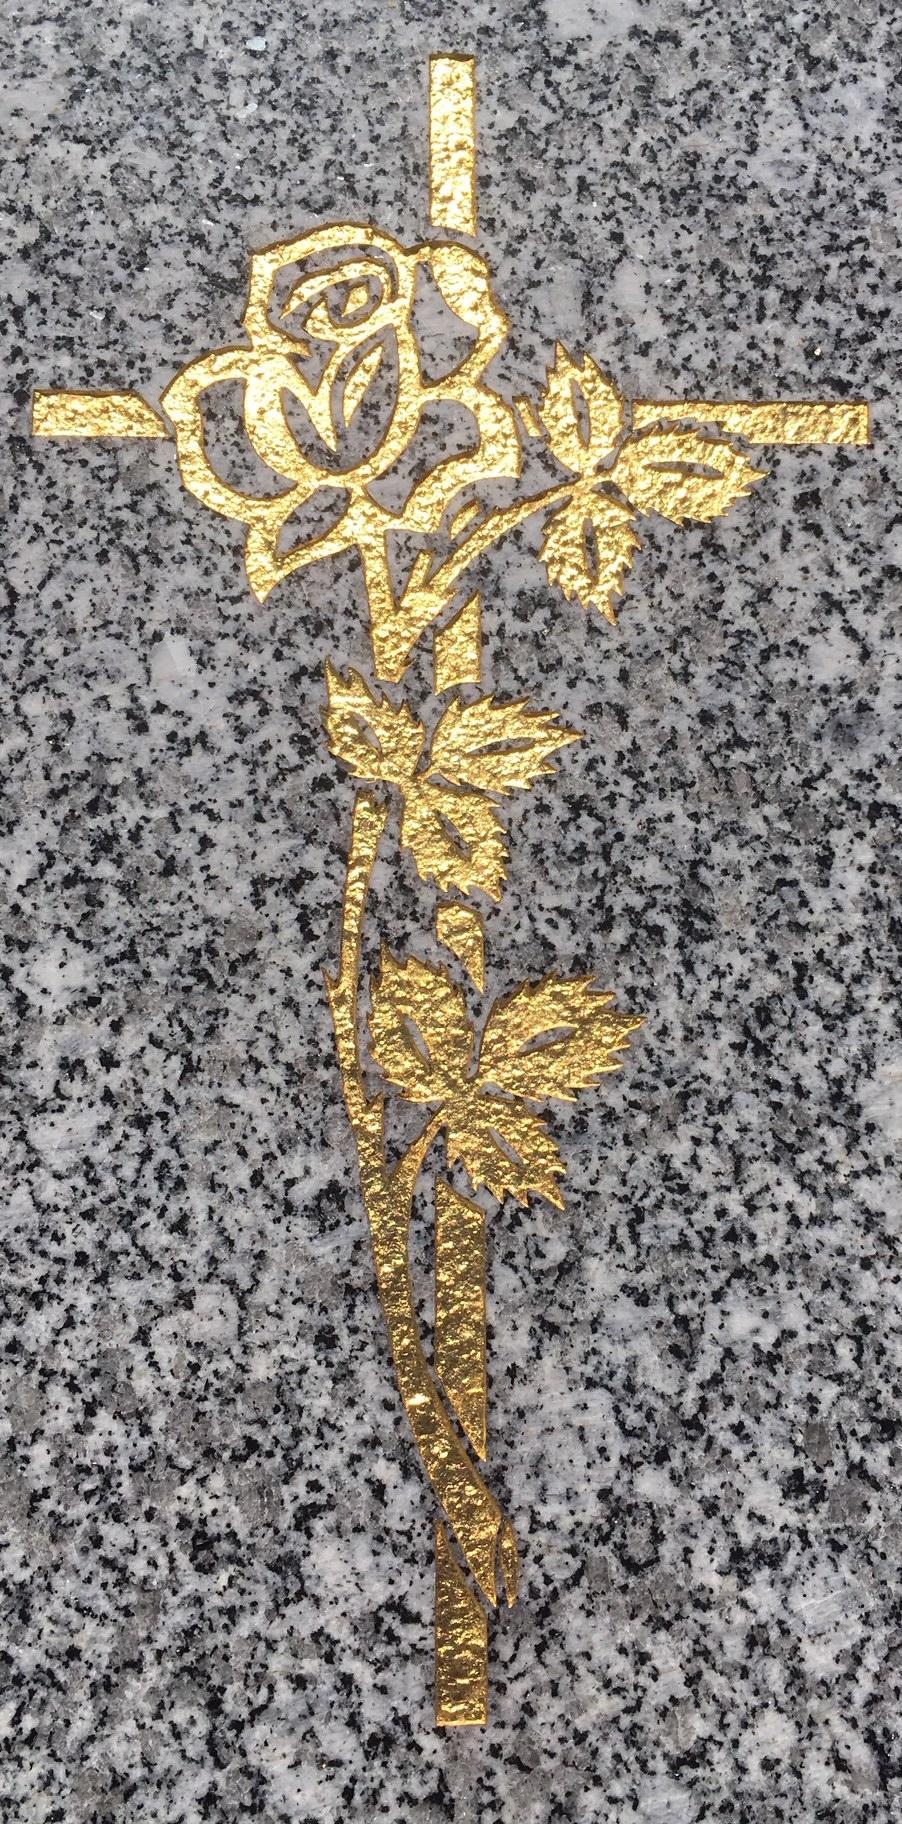 Gravure au sablage + motif à la feuille d'or 22 carats